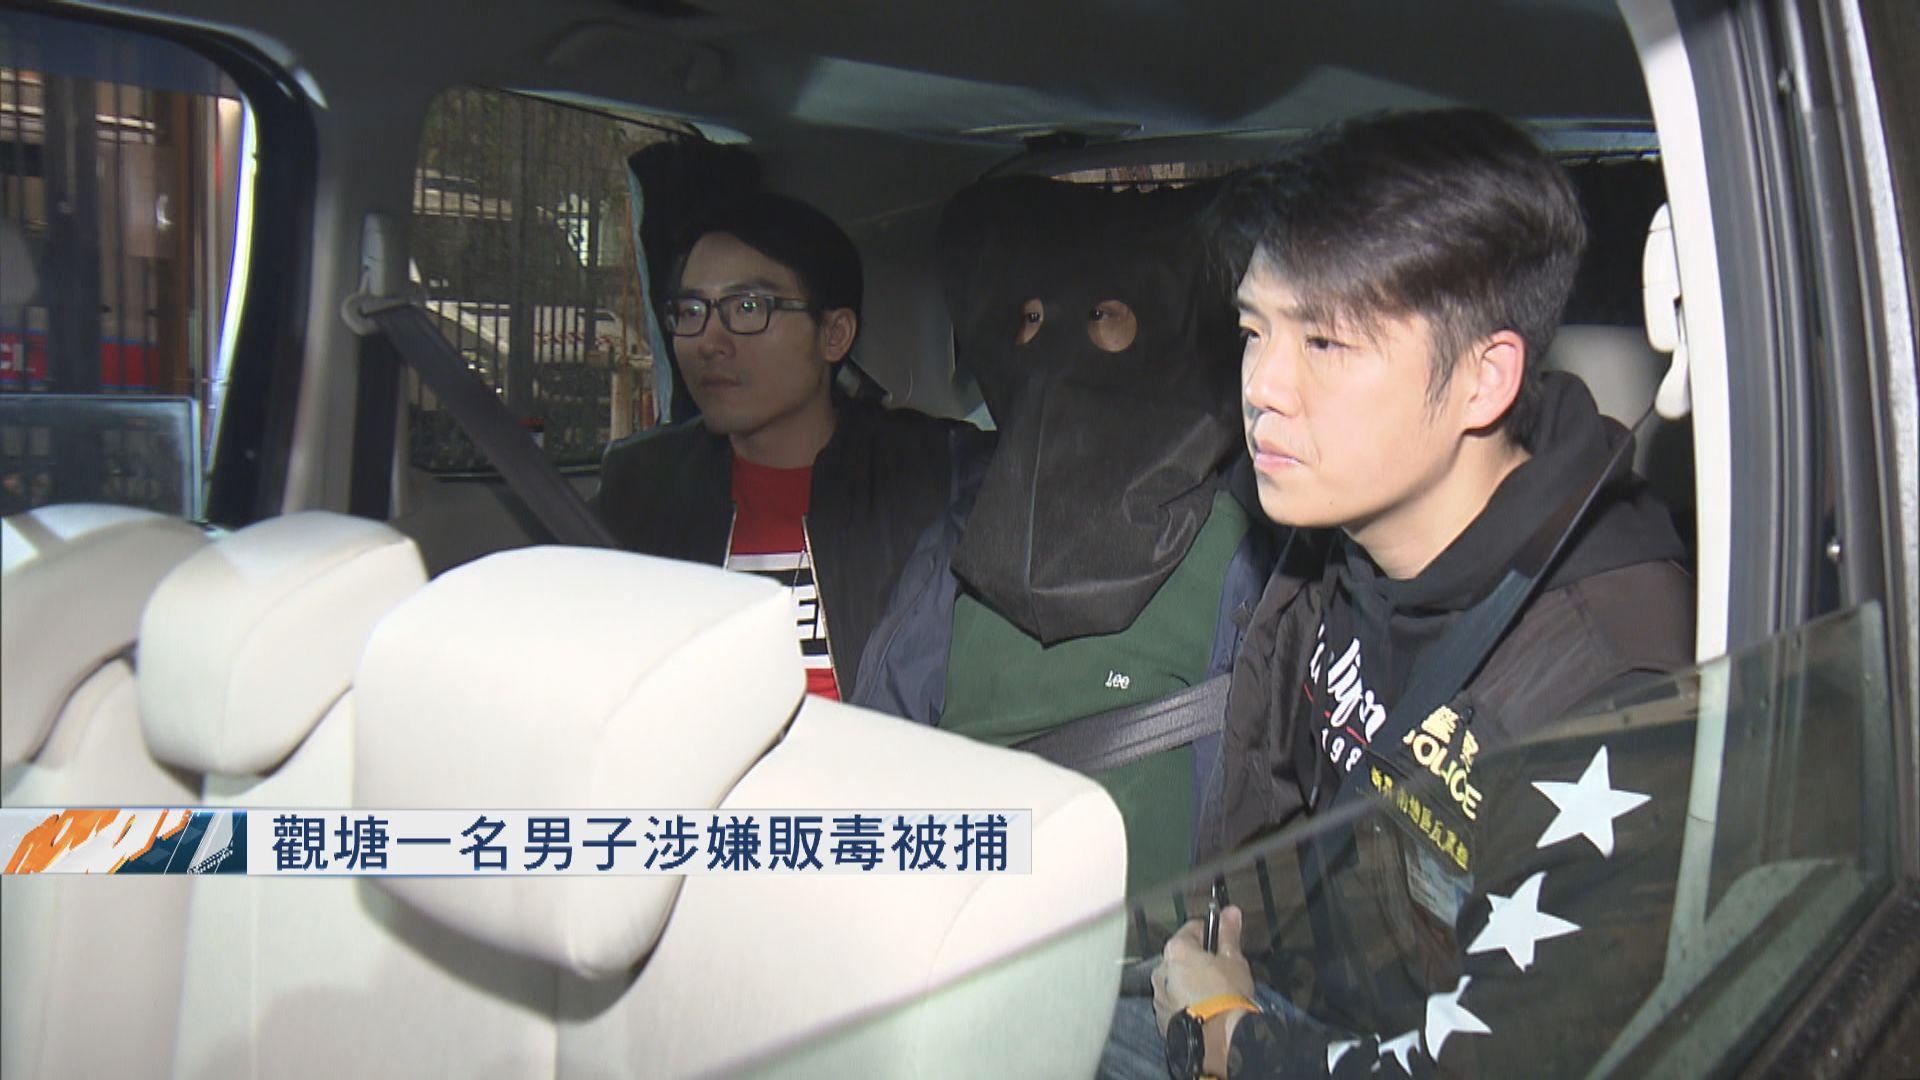 觀塘一名男子涉嫌販毒被捕